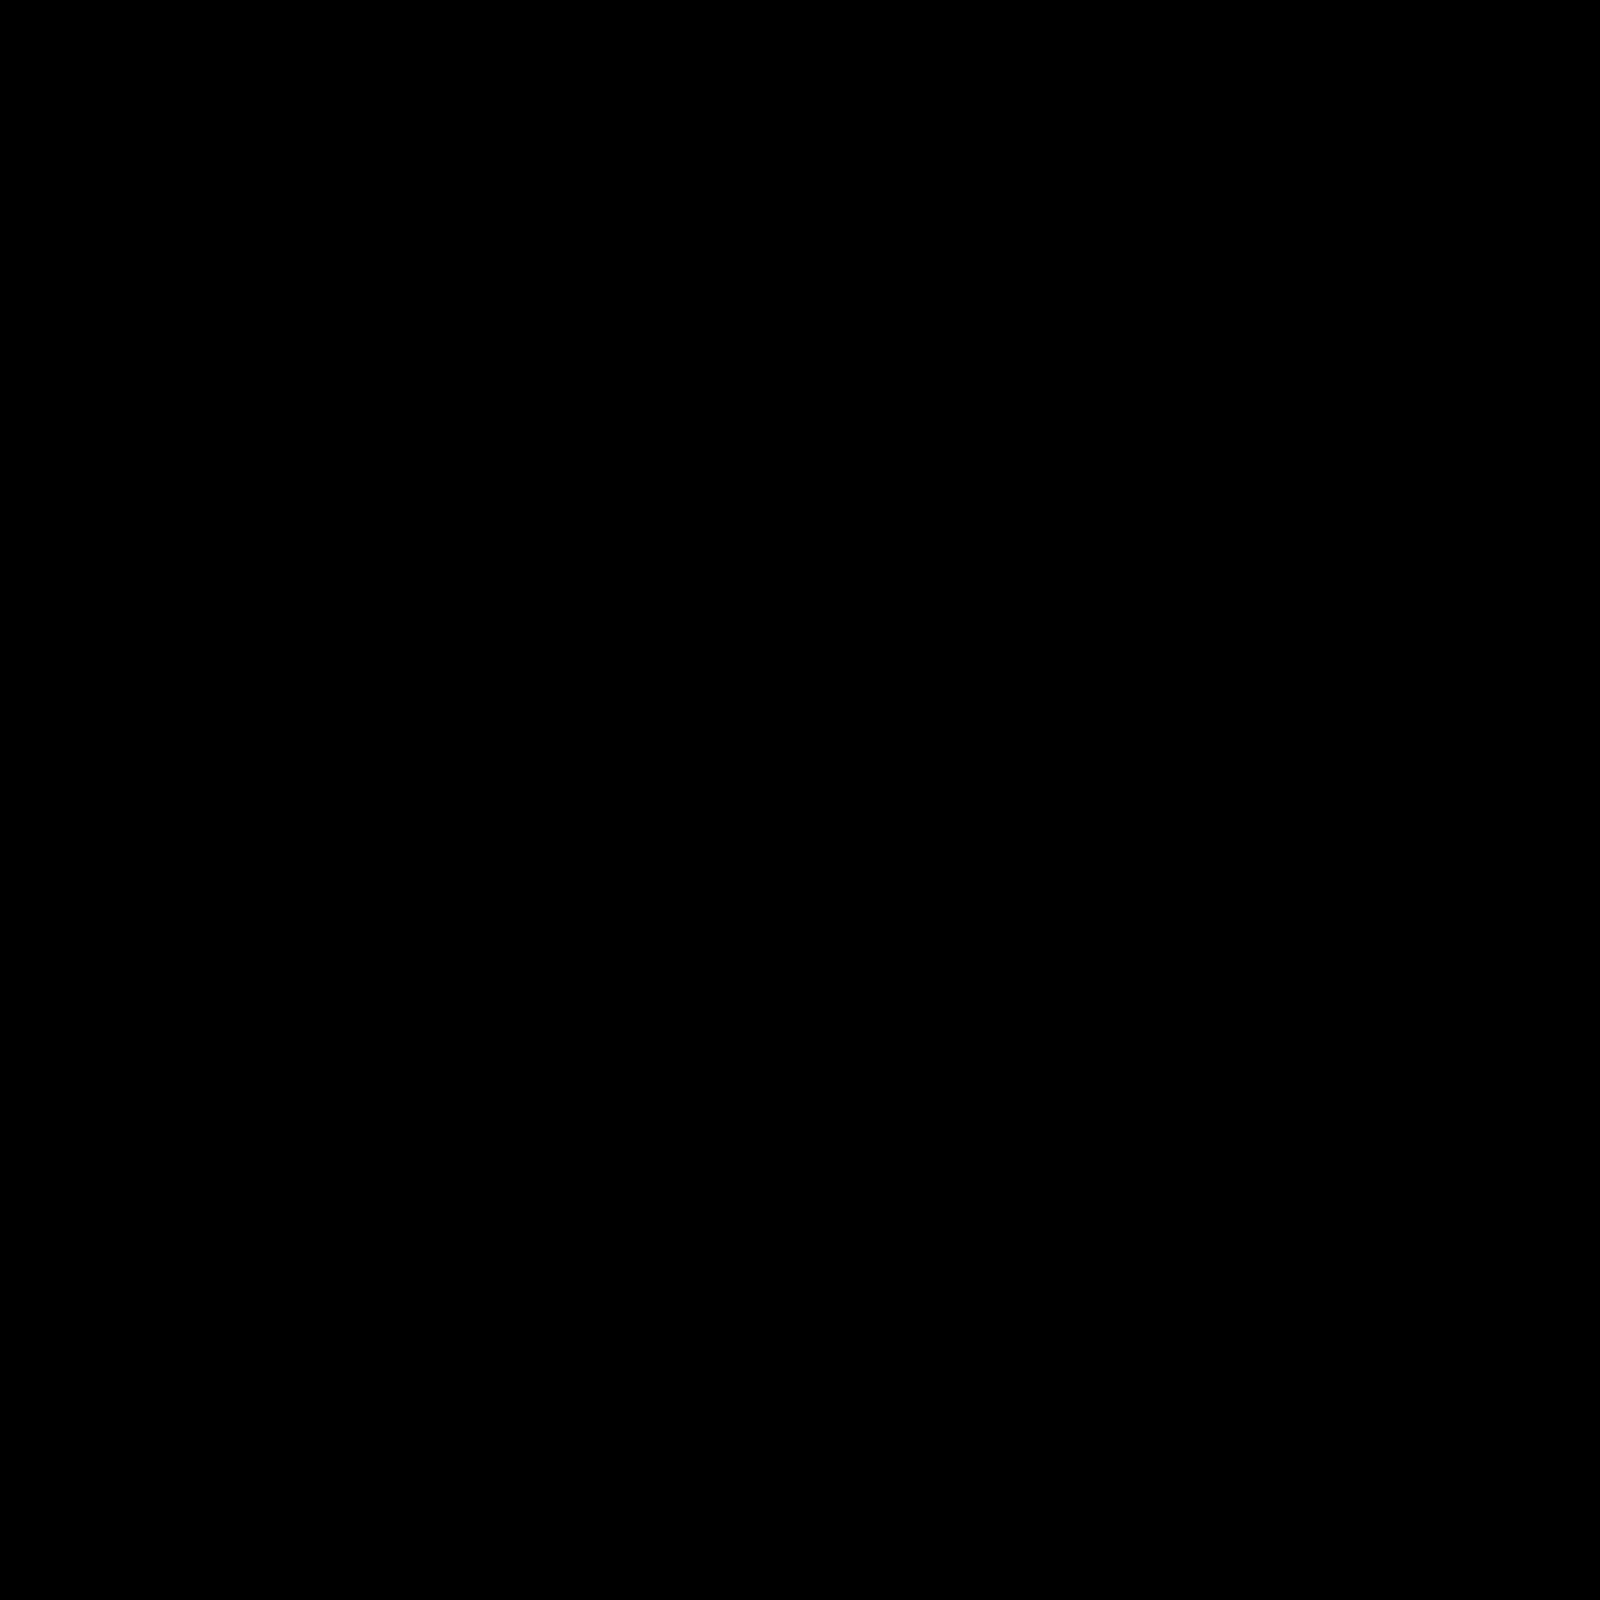 Klamka icon